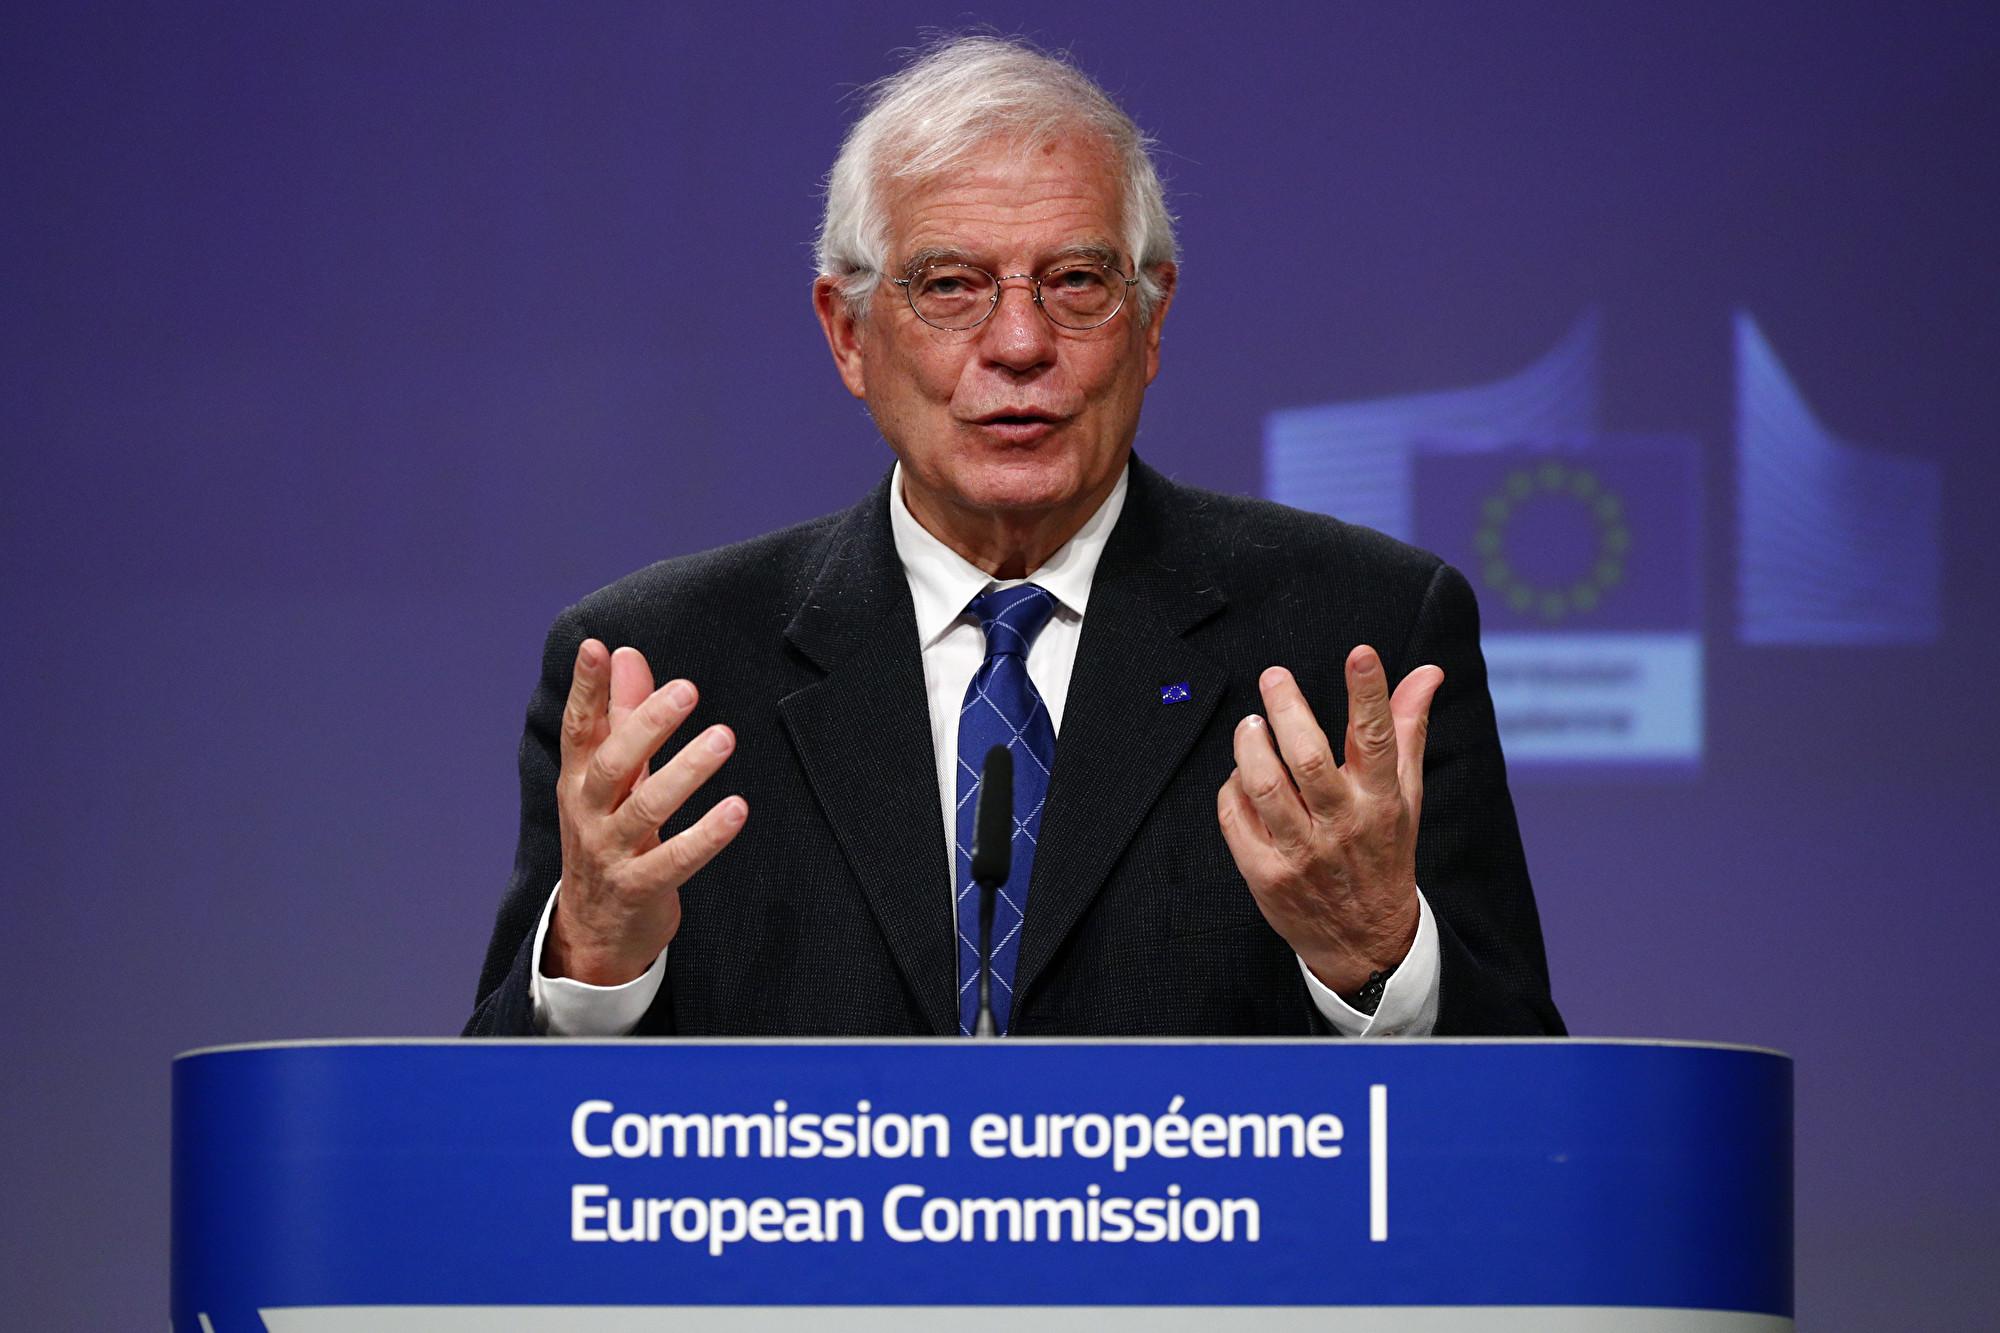 歐盟高官:歐盟不會再屈從於中共審查制度